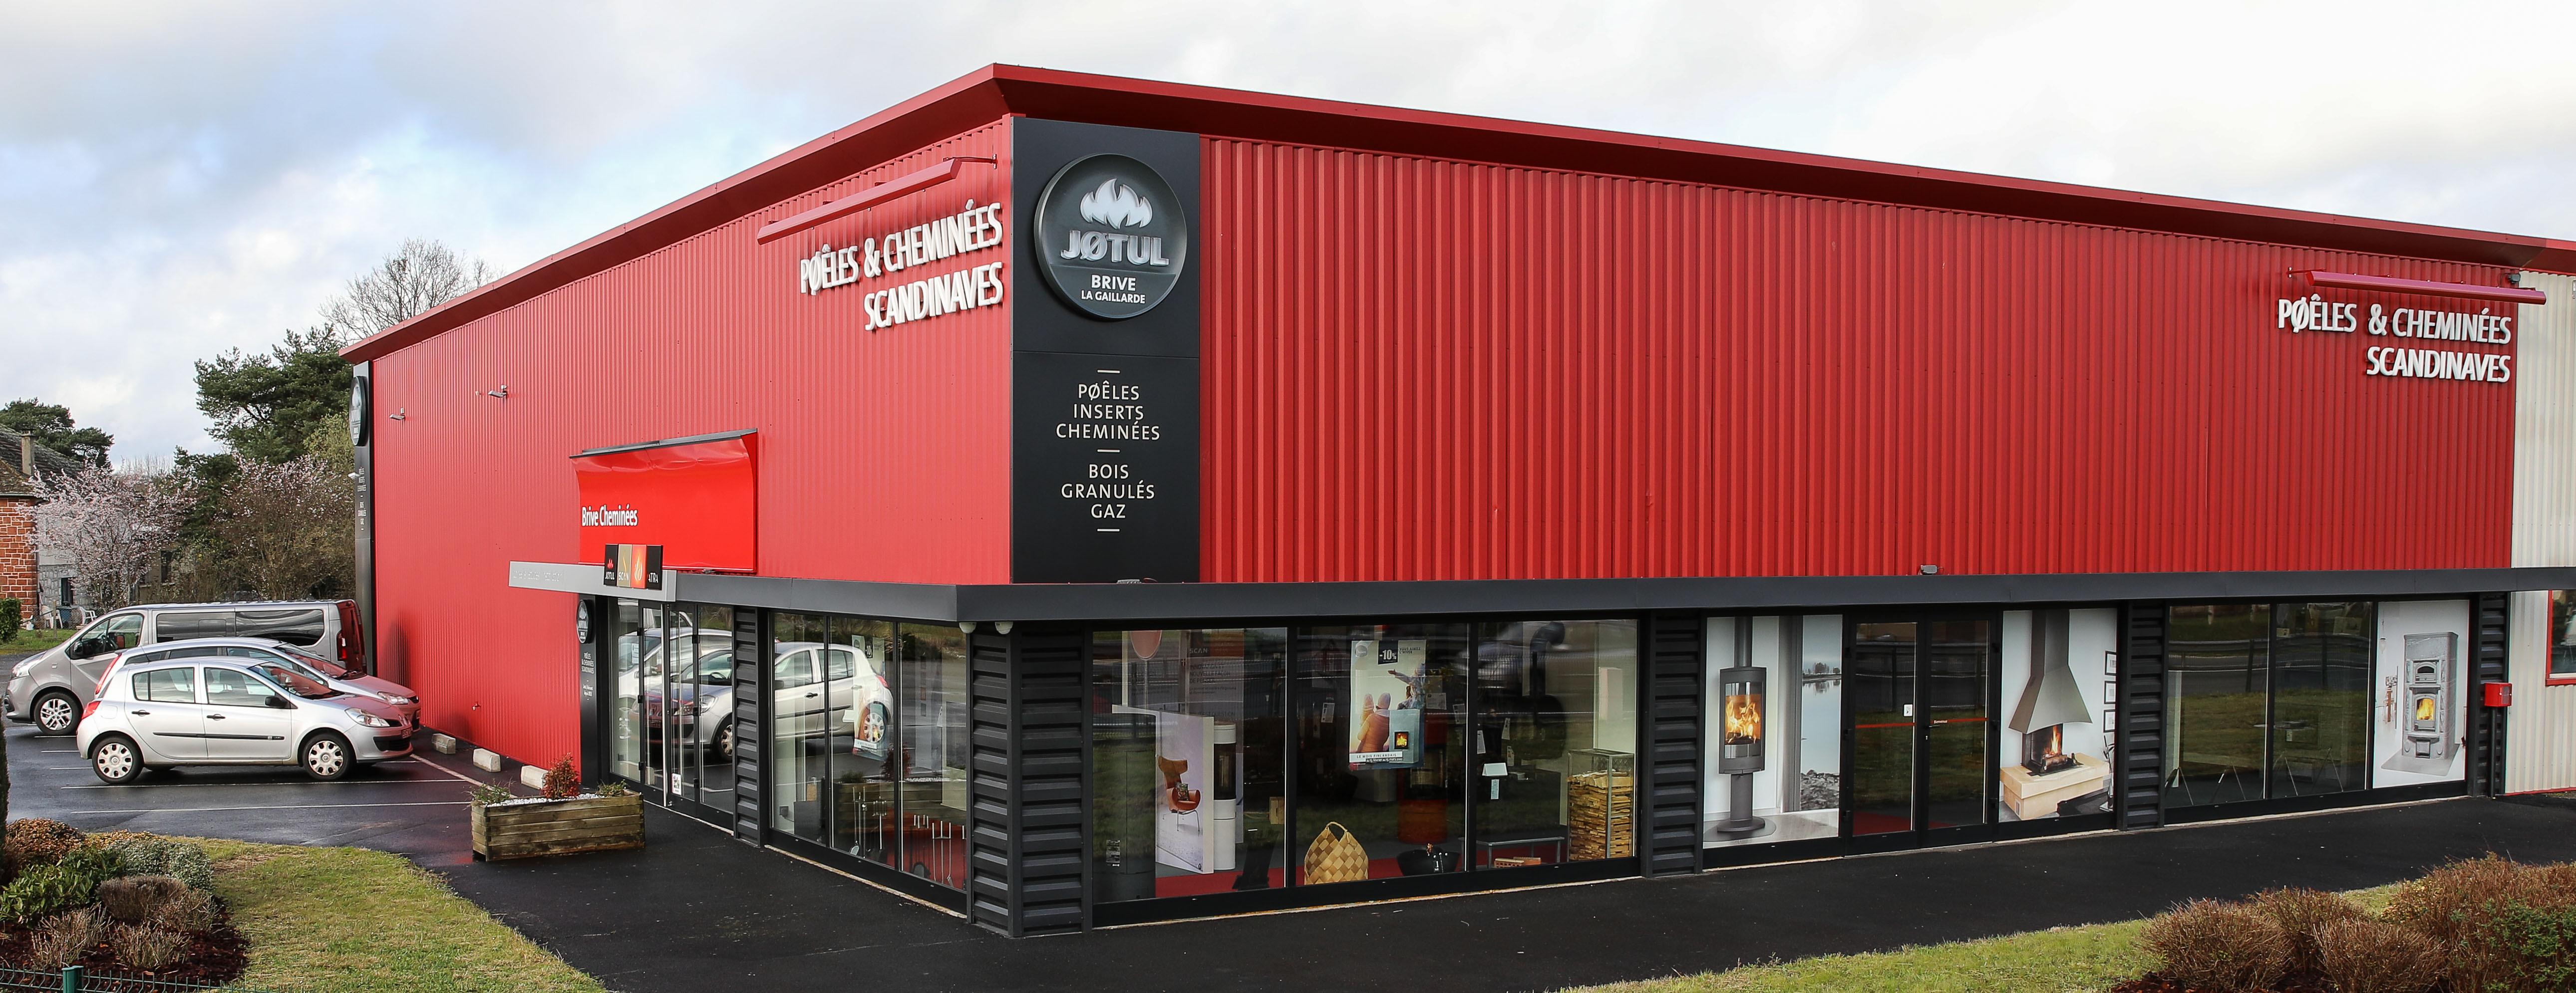 Showroom JOTUL Brive cheminée, Facade magasin, poele à bois, granulés, parking